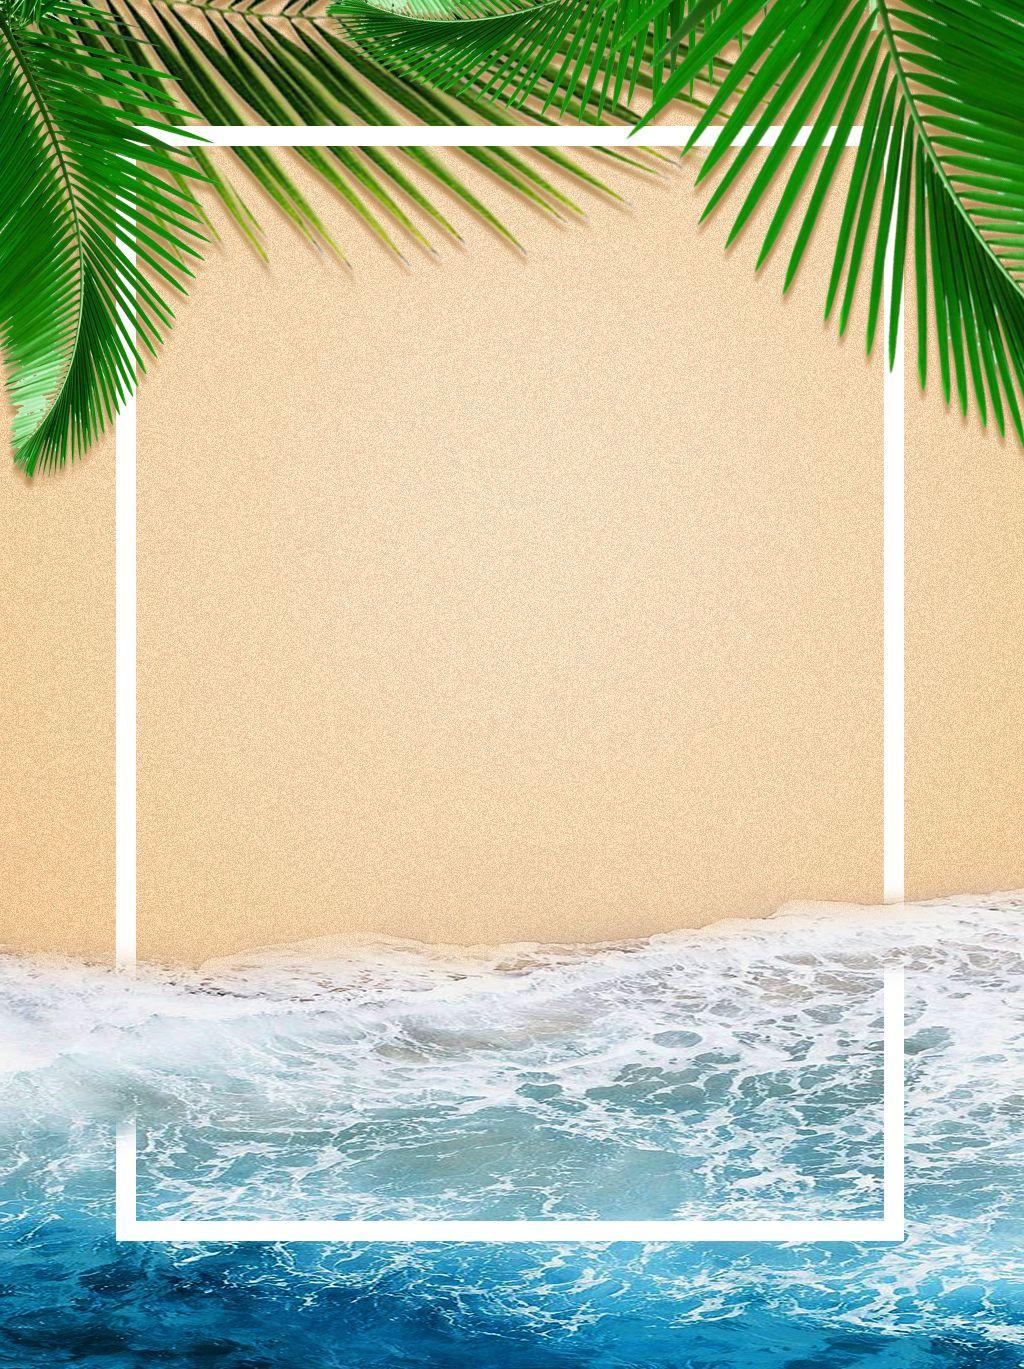 Full Ocean Beach Border Background Summer Backgrounds Ocean Backgrounds Instagram Background